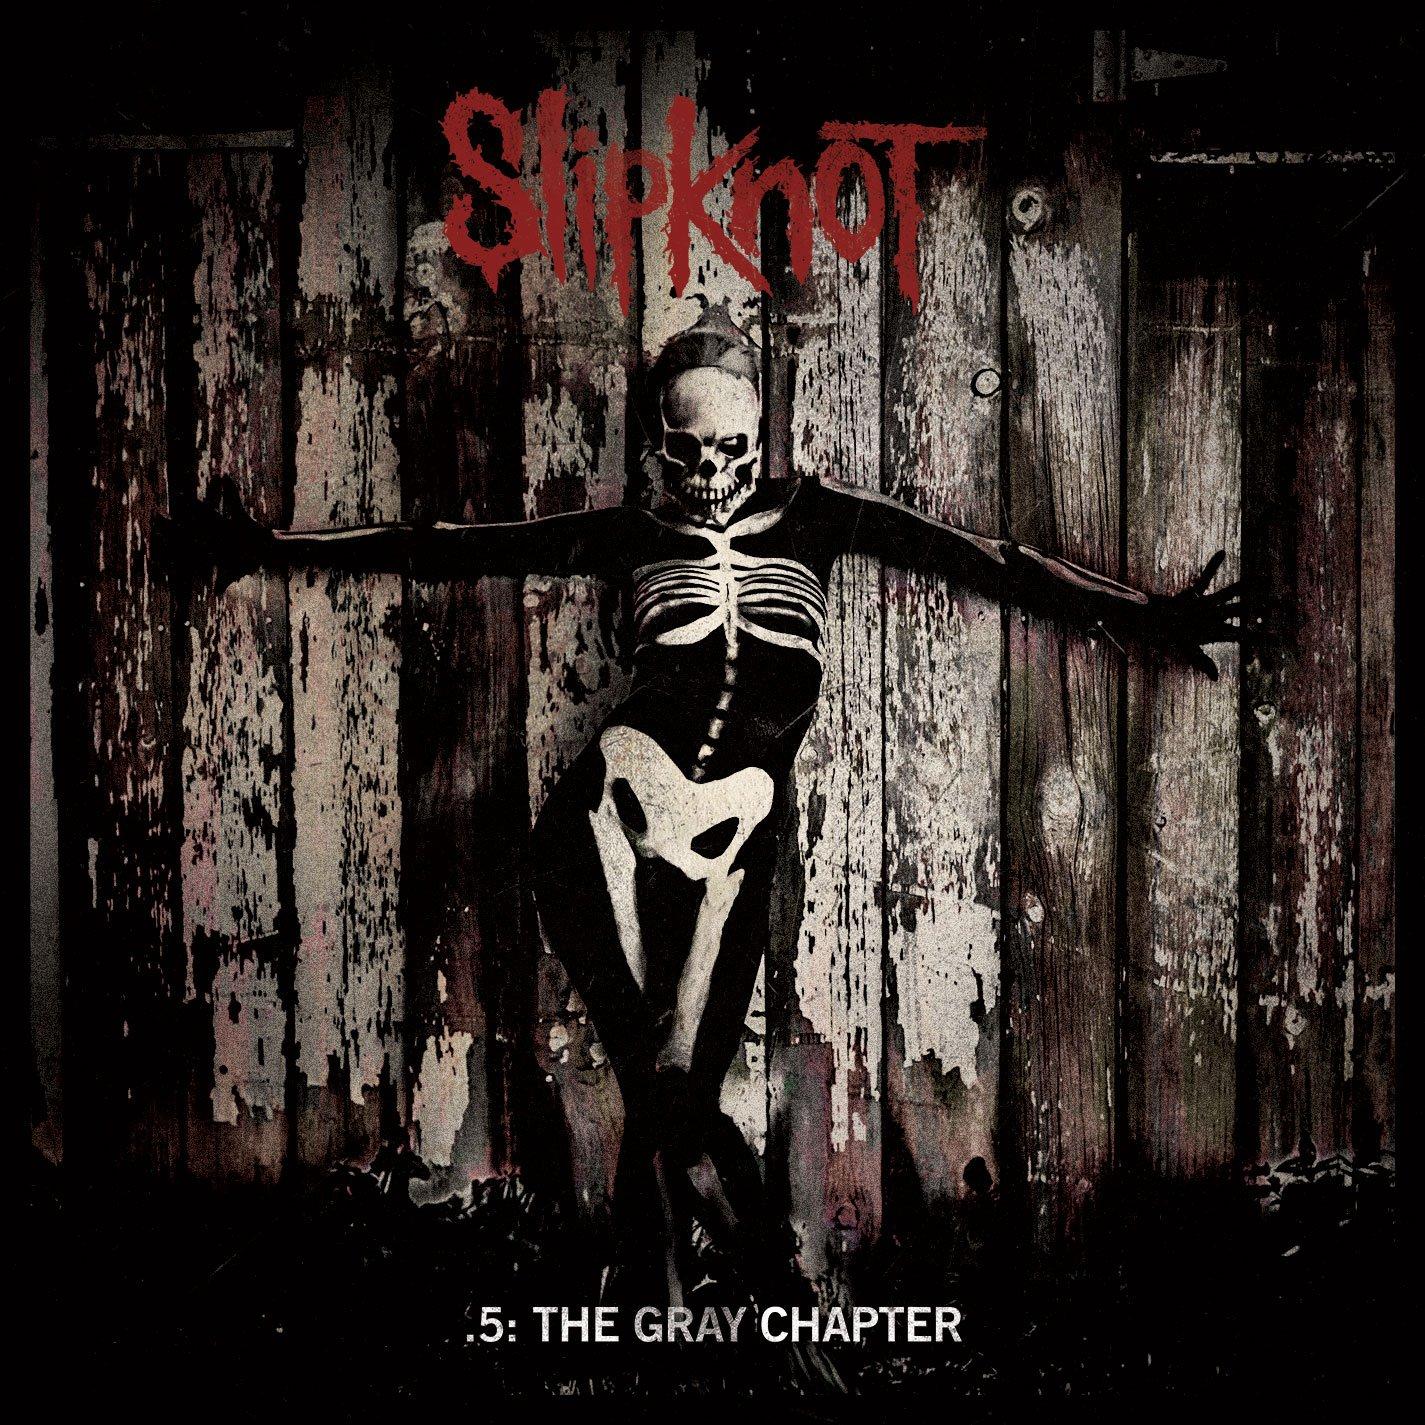 Олимпийцы: Slipknot [30.01.16]. - Изображение 1